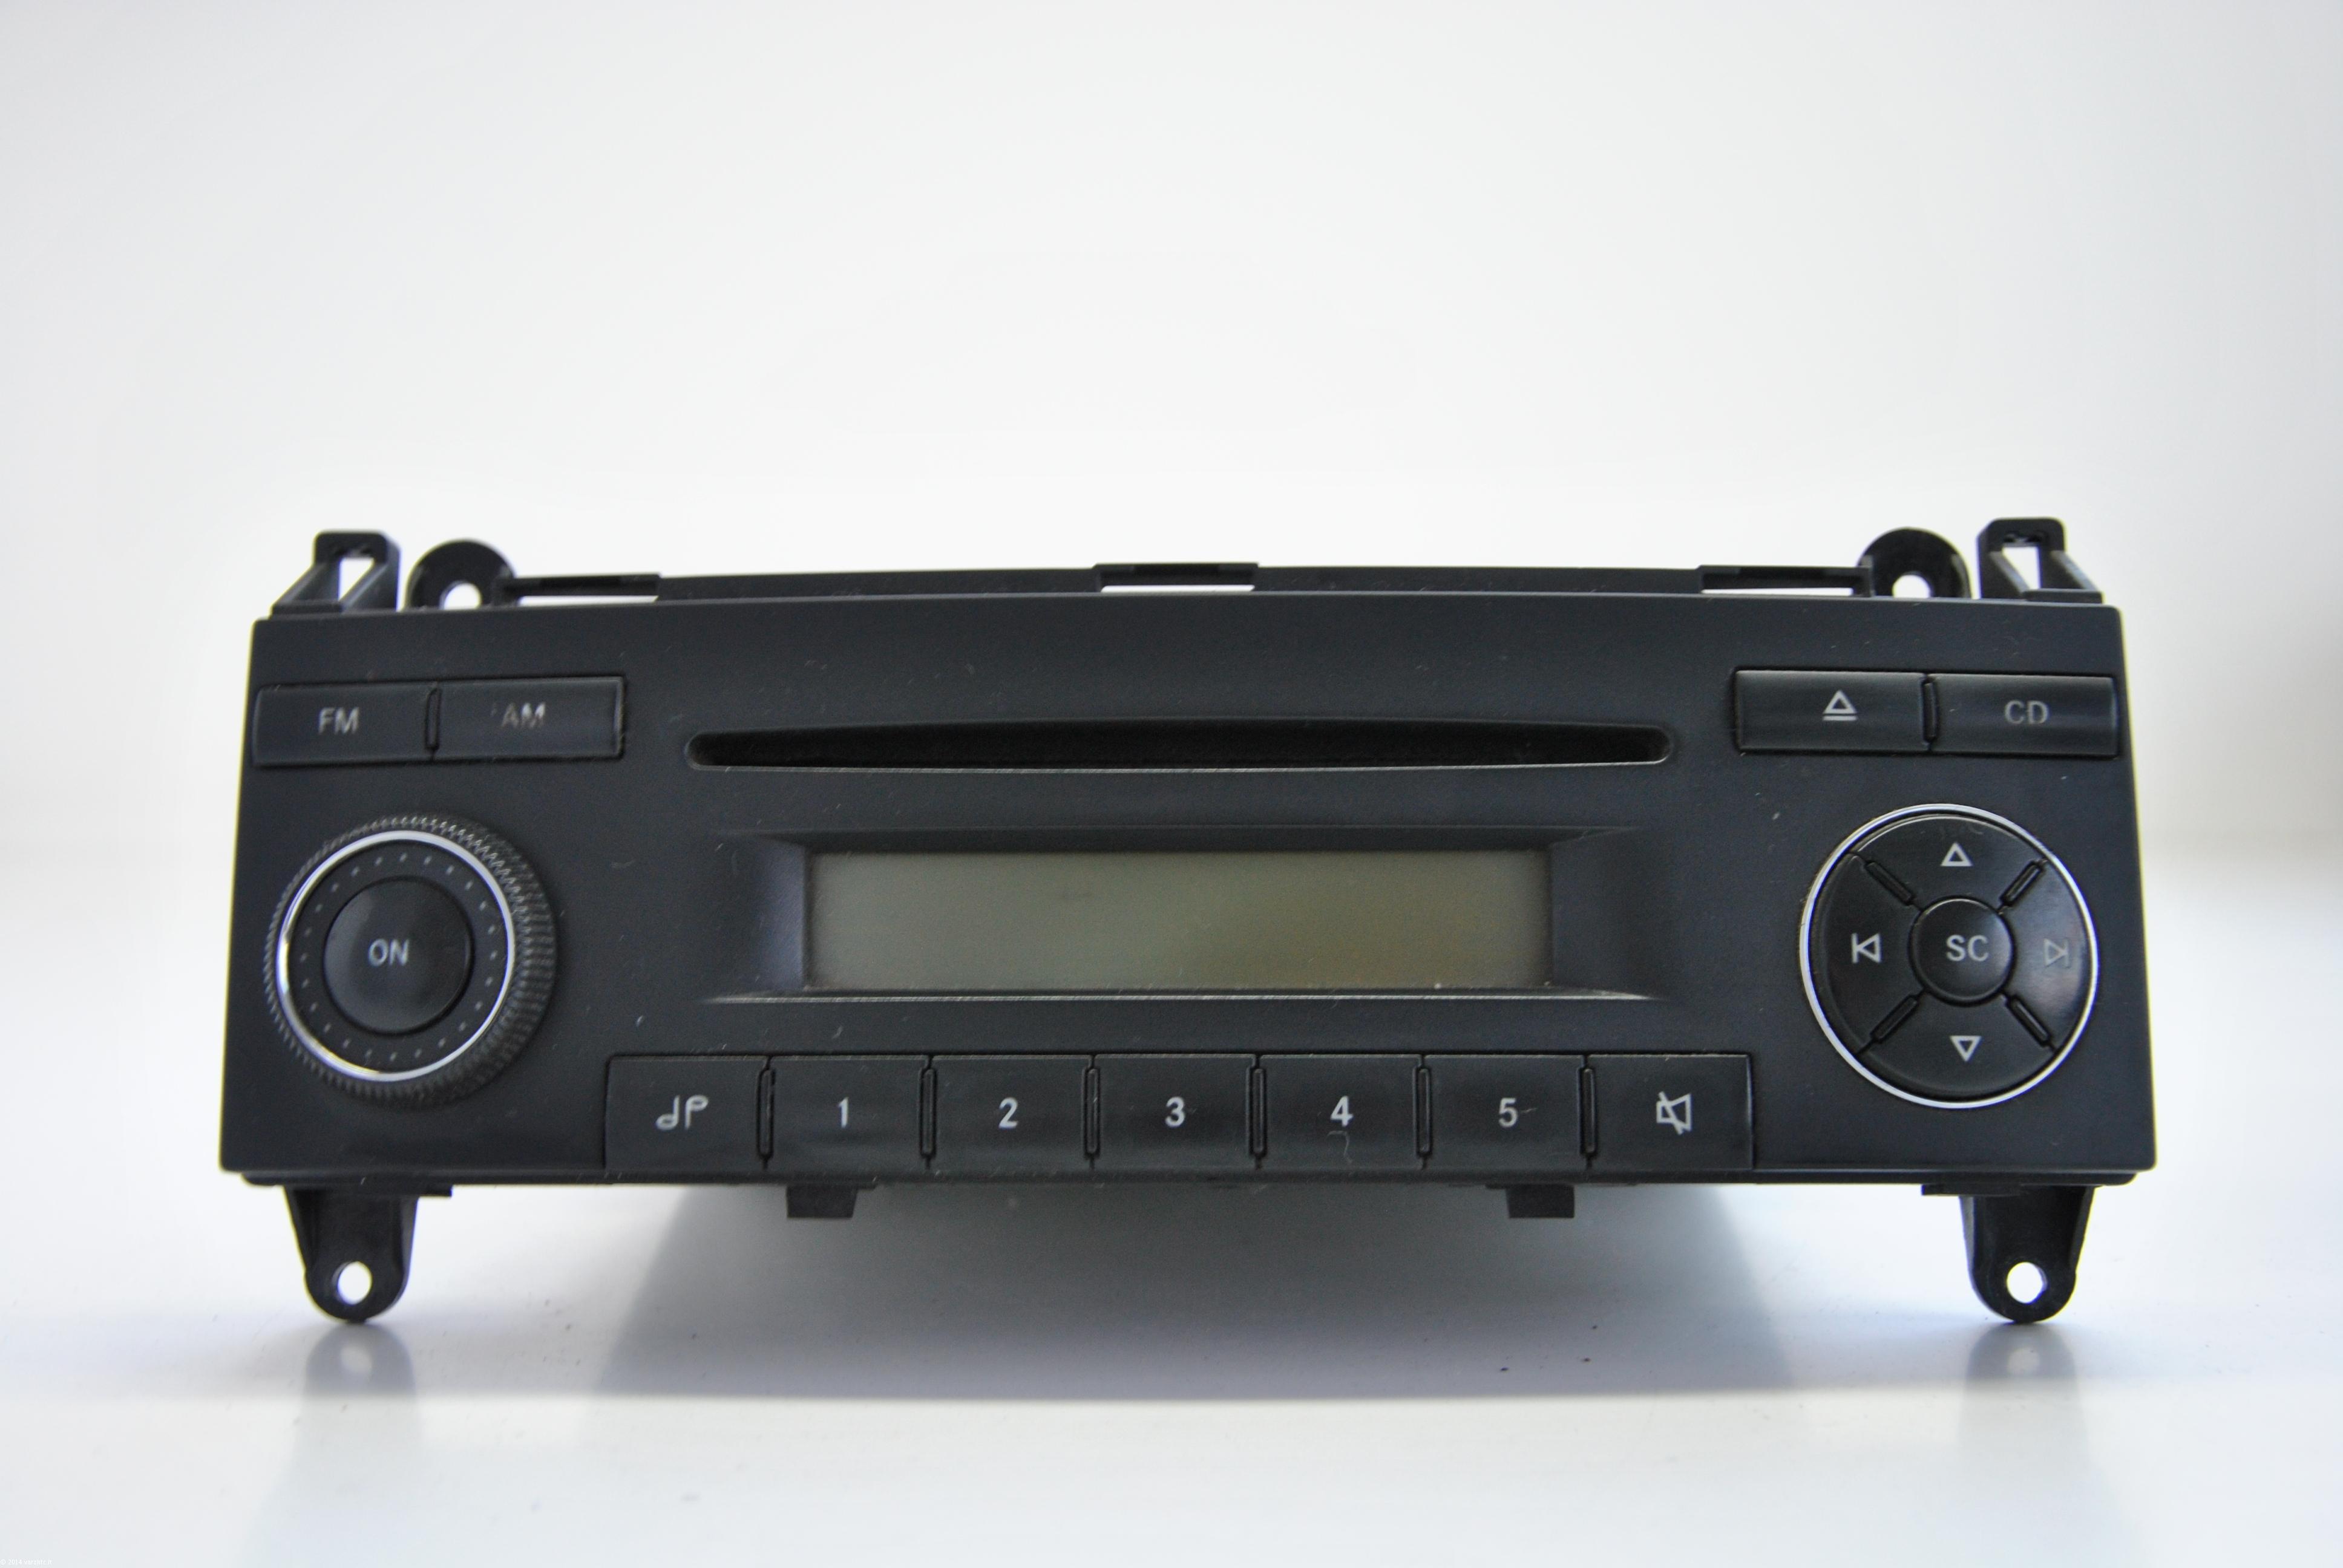 Mercedes benz sprinter 2007 becker cd player head unit for Mercedes benz cd player